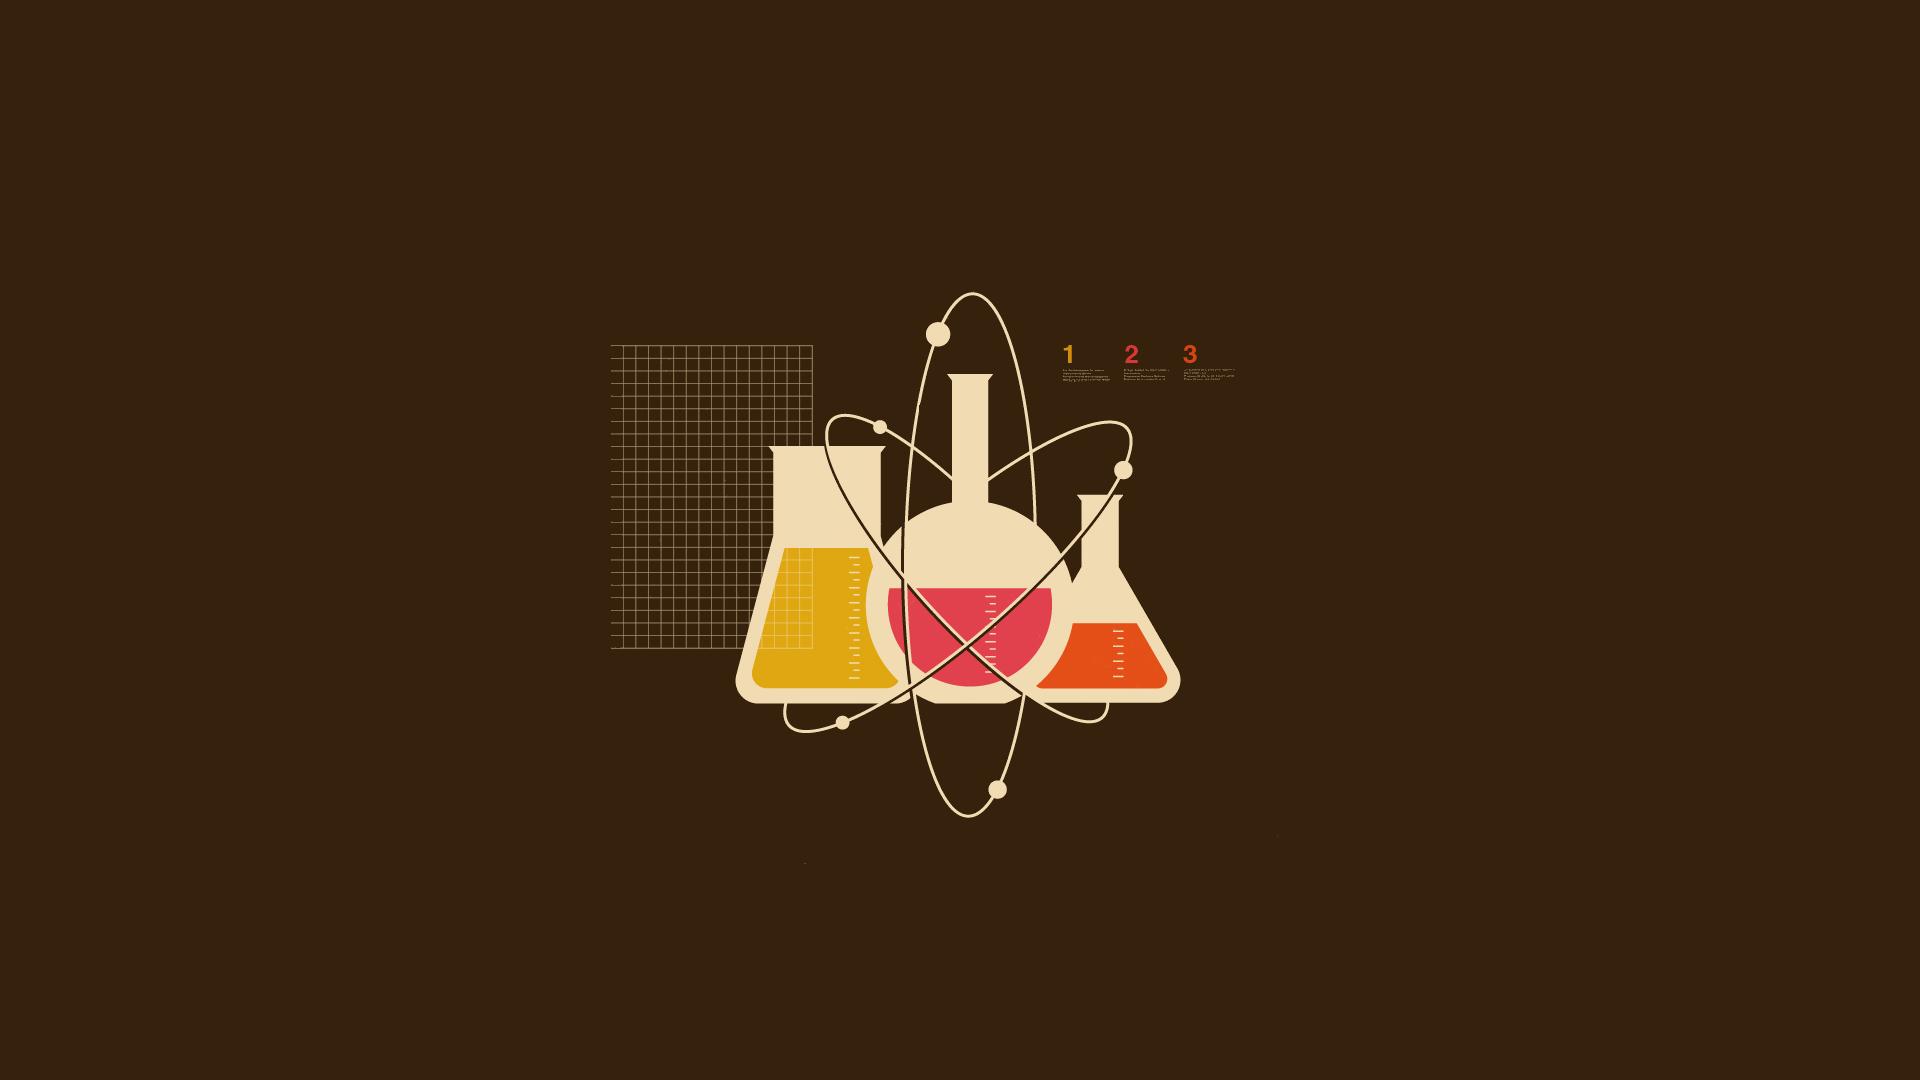 Potion Chemistry